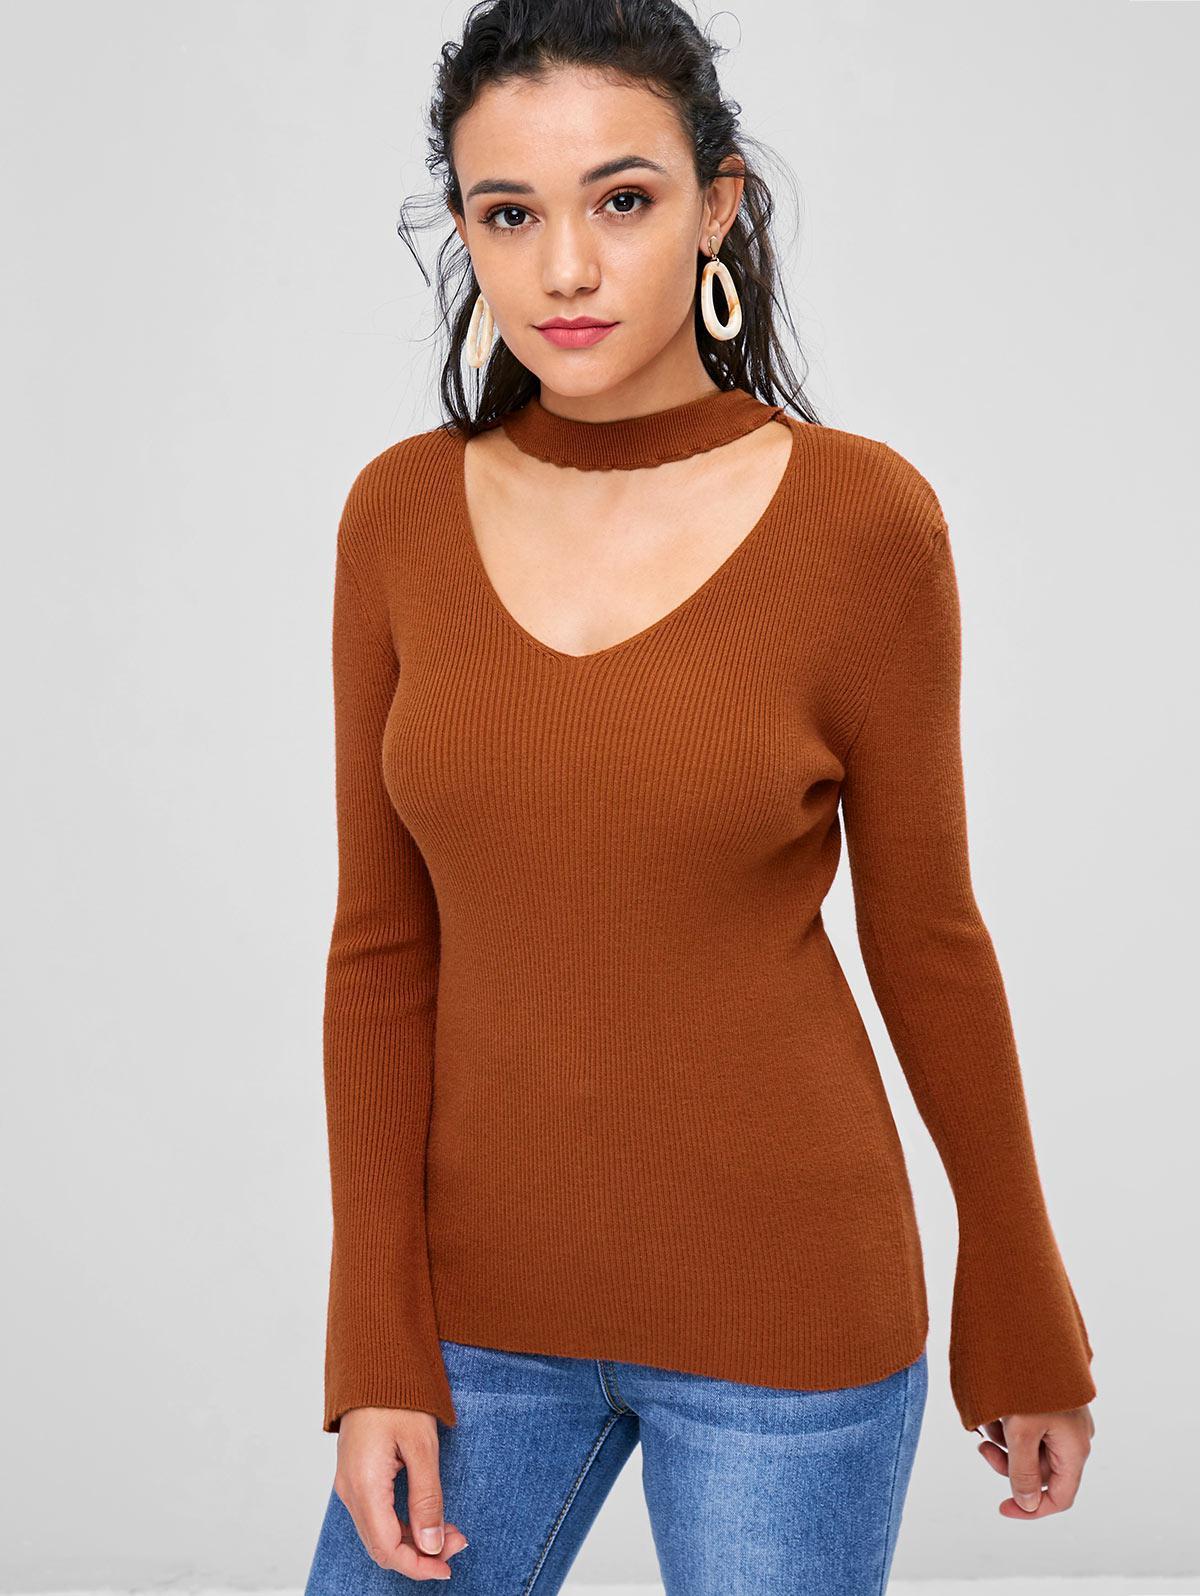 Bell Sleeve V Cutout Choker Neck Sweater